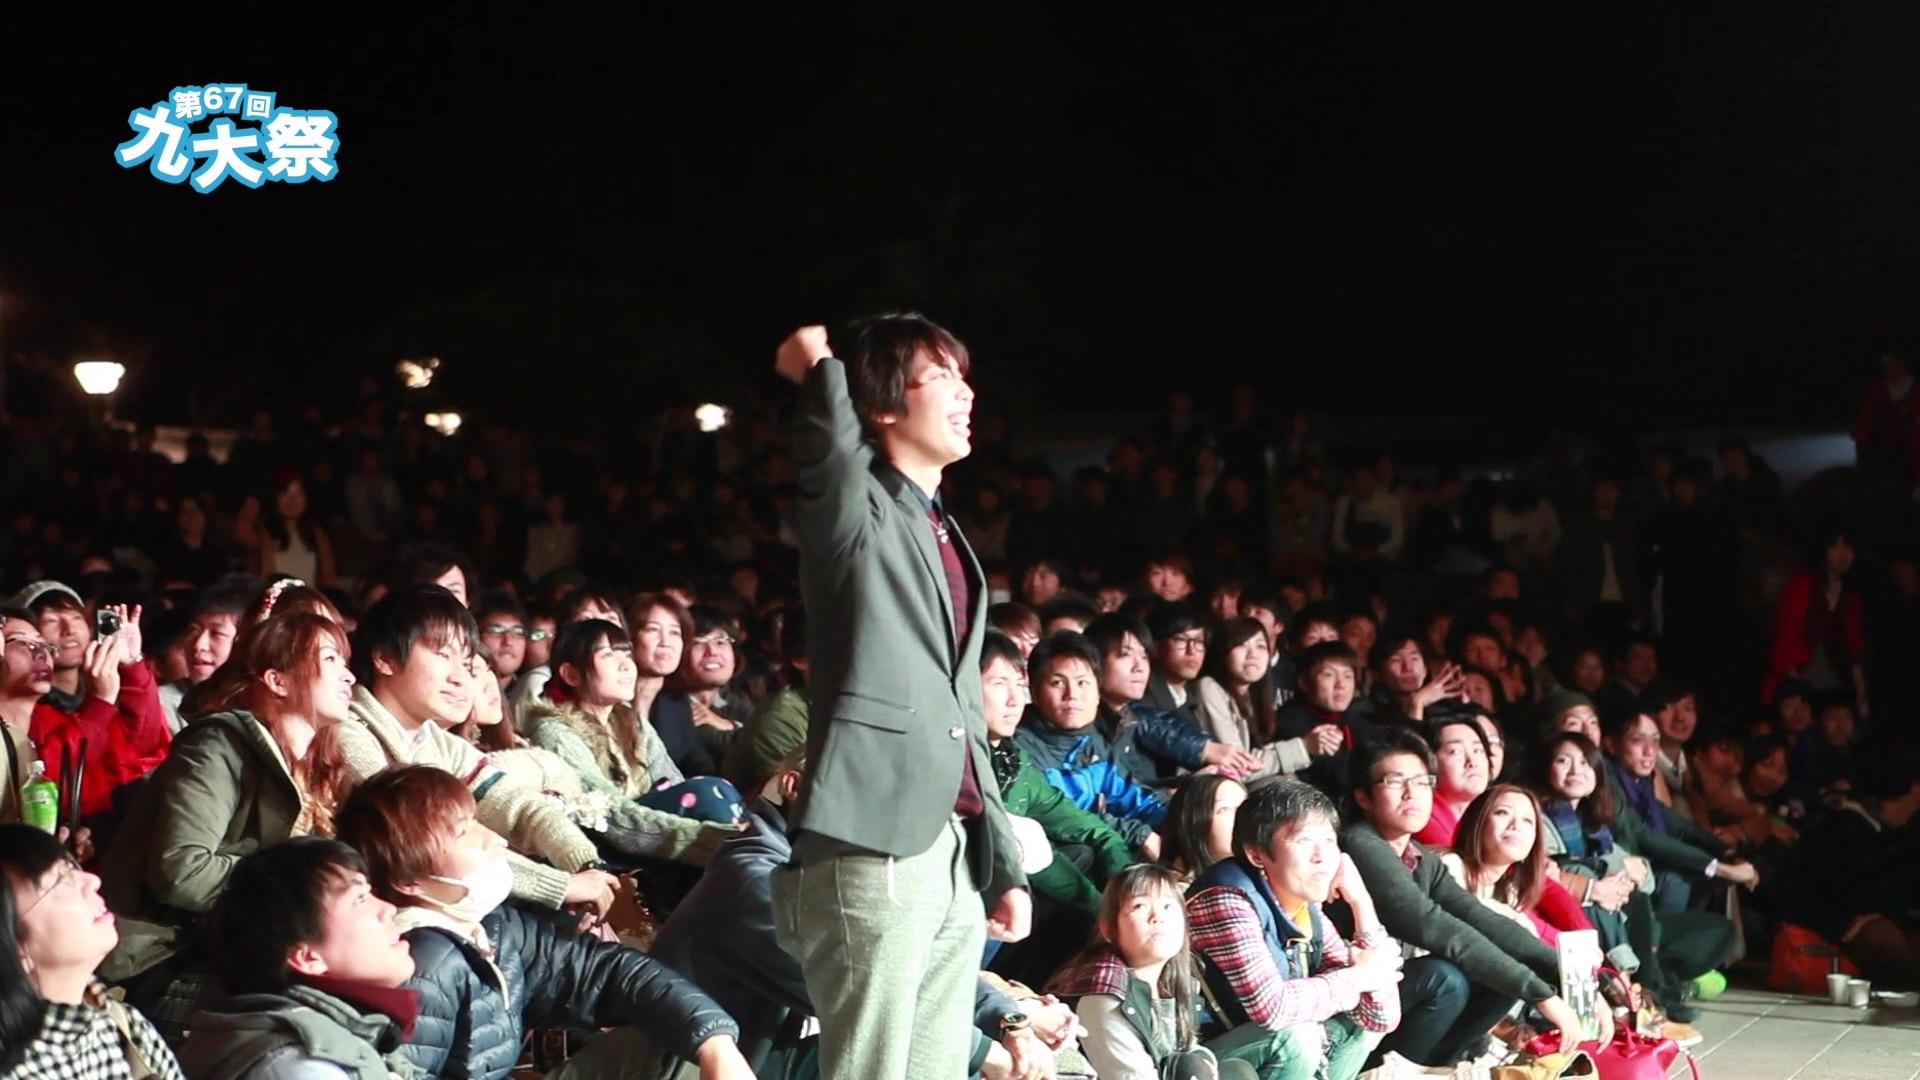 第67回 九州大学学祭.mov_000515150